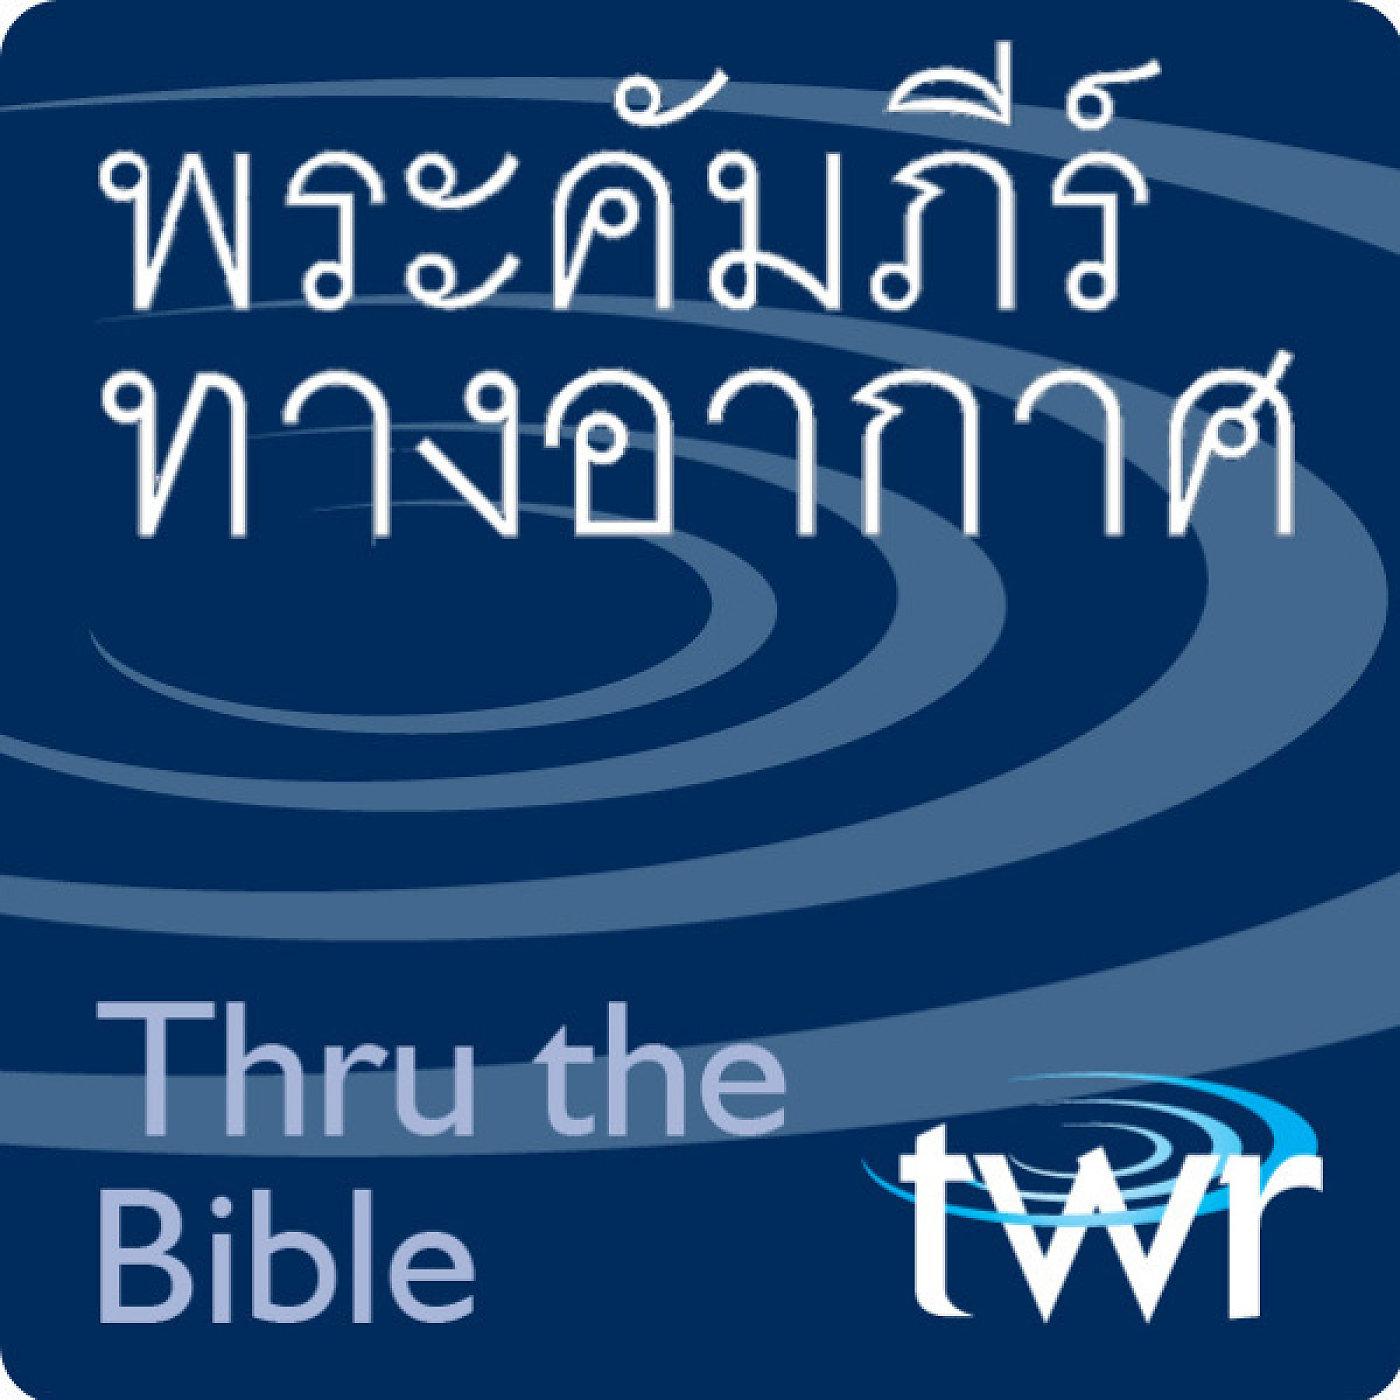 พระคัมภีร์ทางอากาศ @ ttb.twr.org/thai